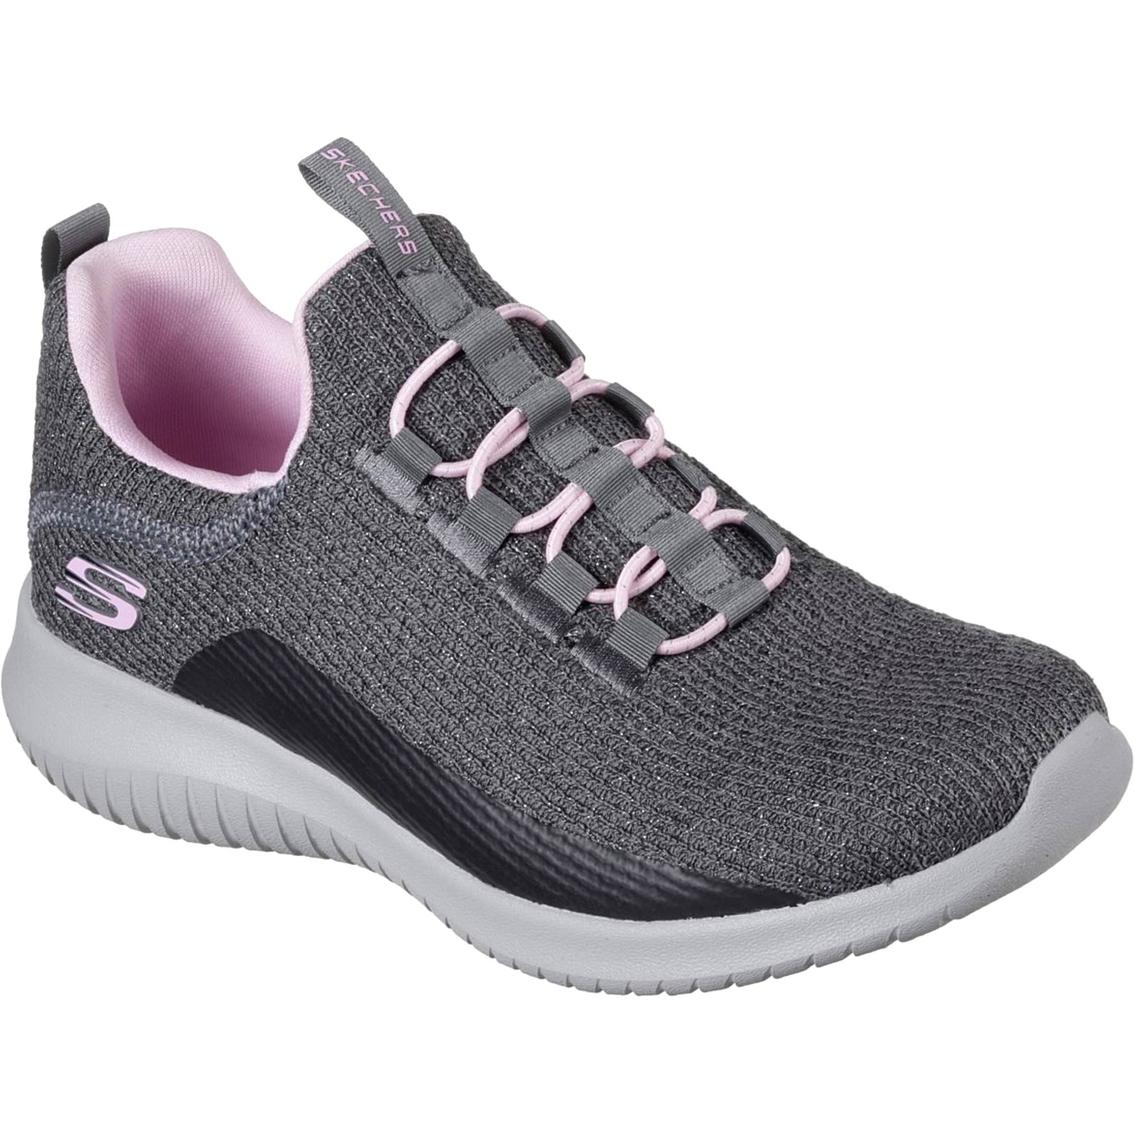 Skechers Girls Ultraflex Lace Sneakers